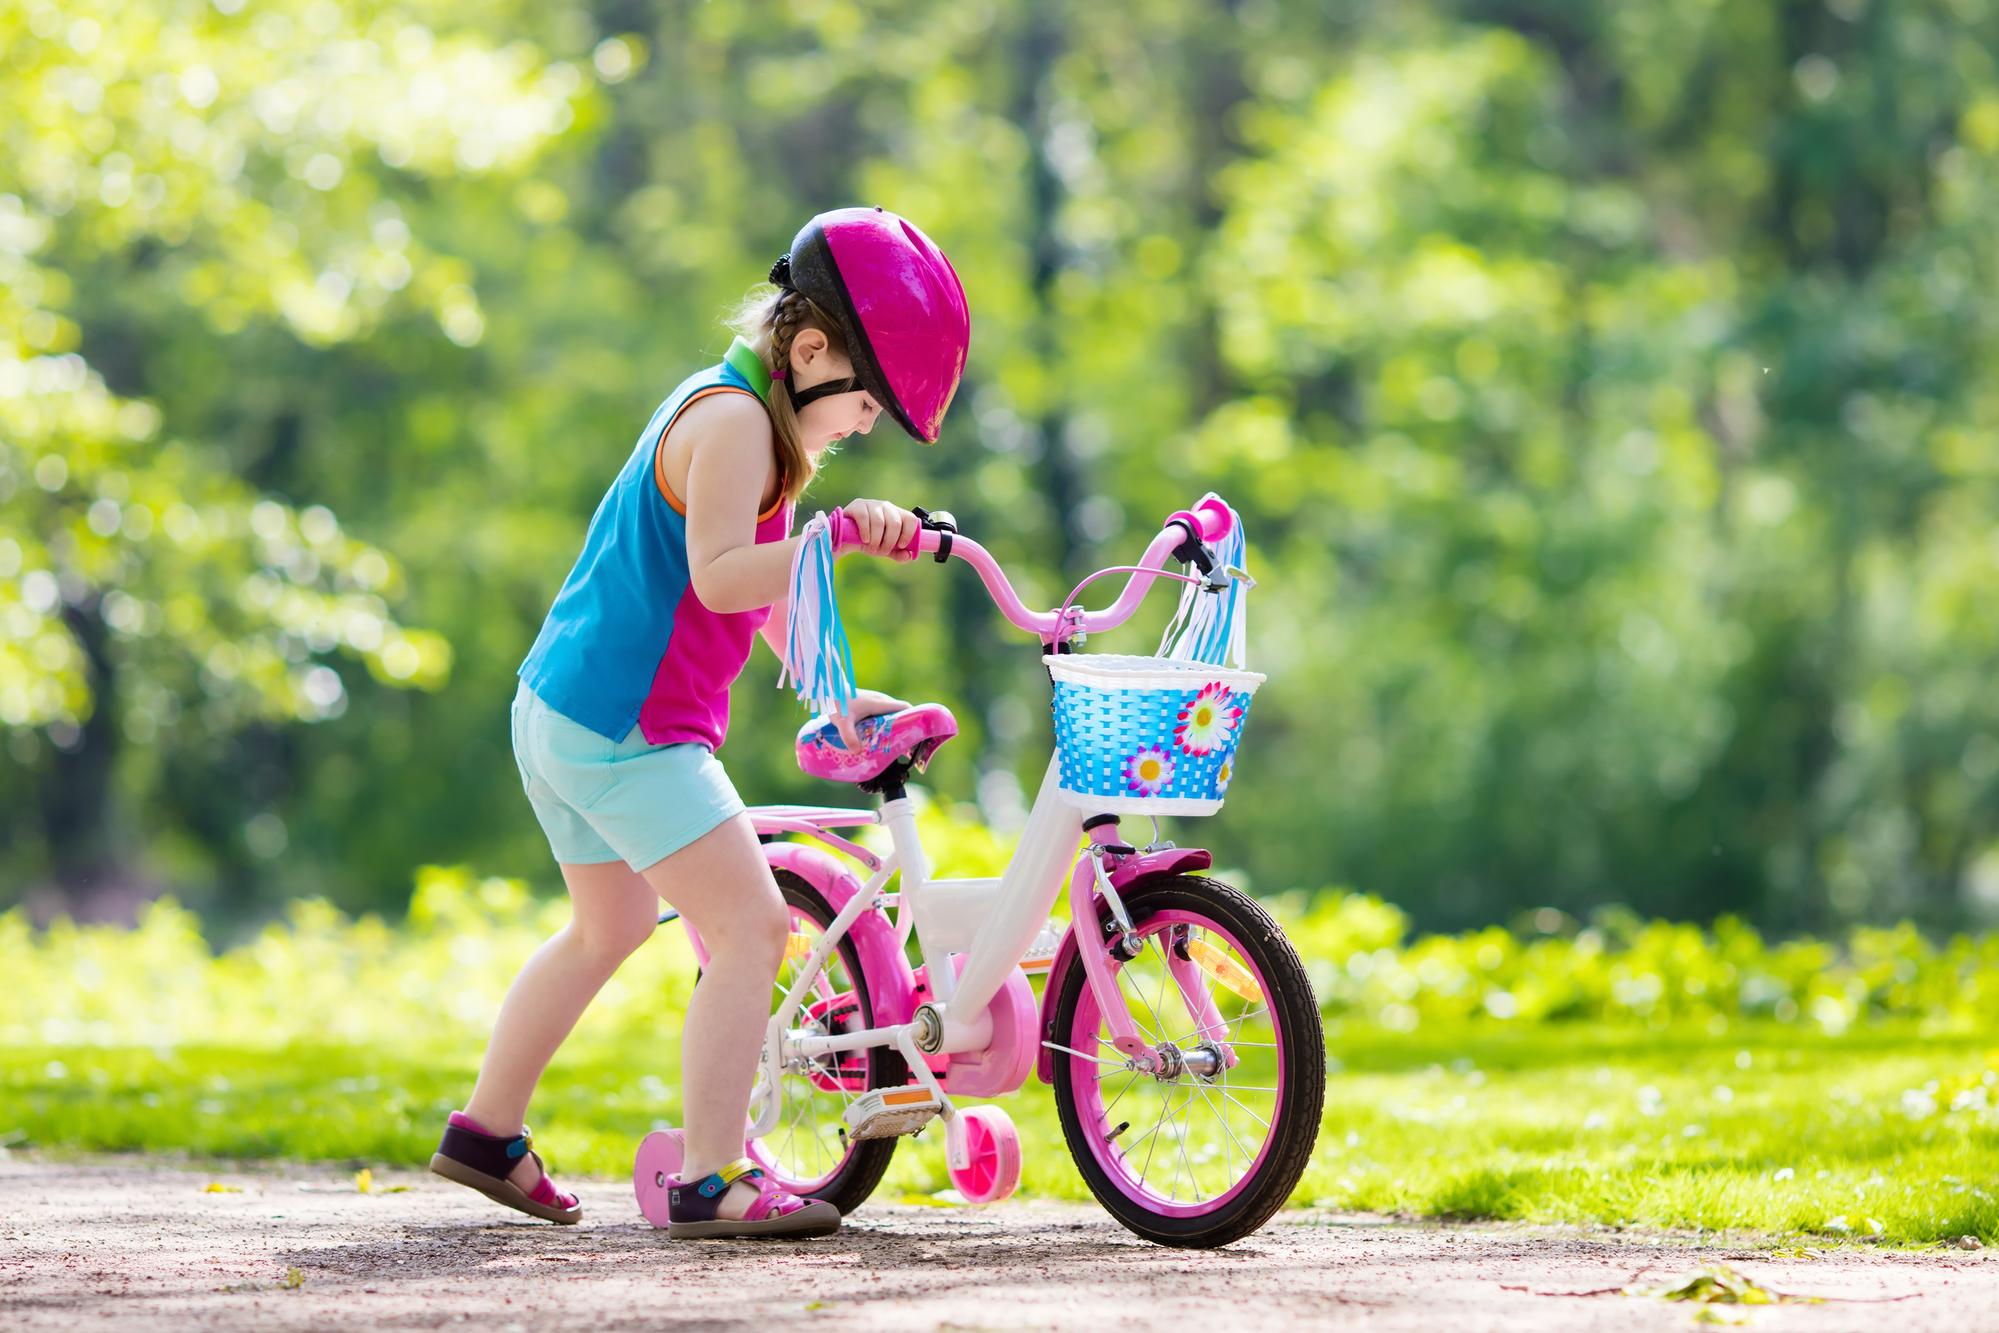 Child riding bike - correct size